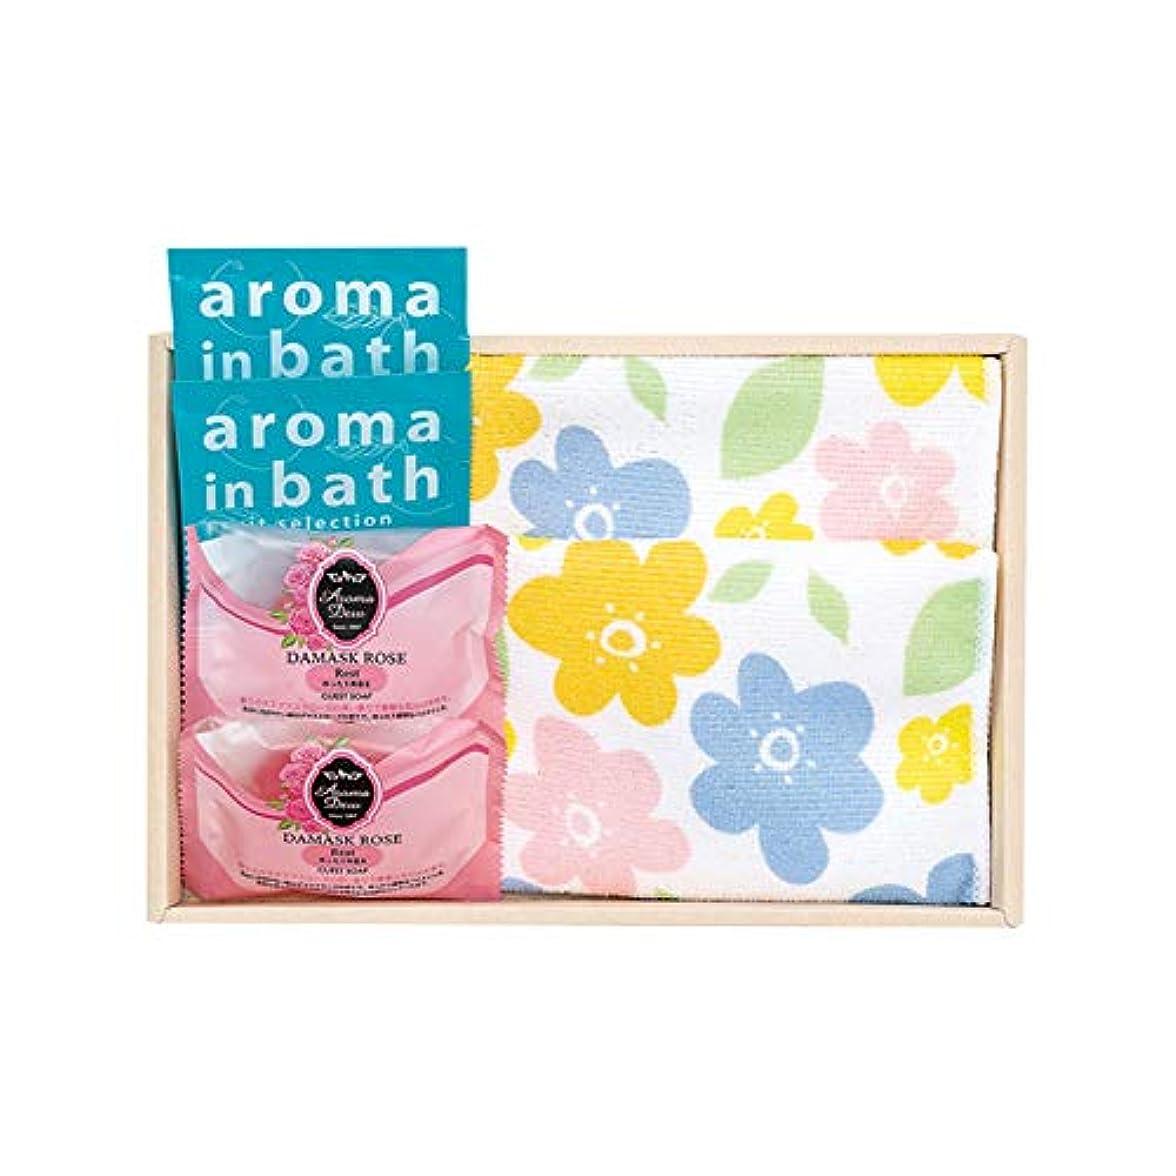 祖母ストレスログアロマの香り バスセット 341-81 入浴剤ギフト